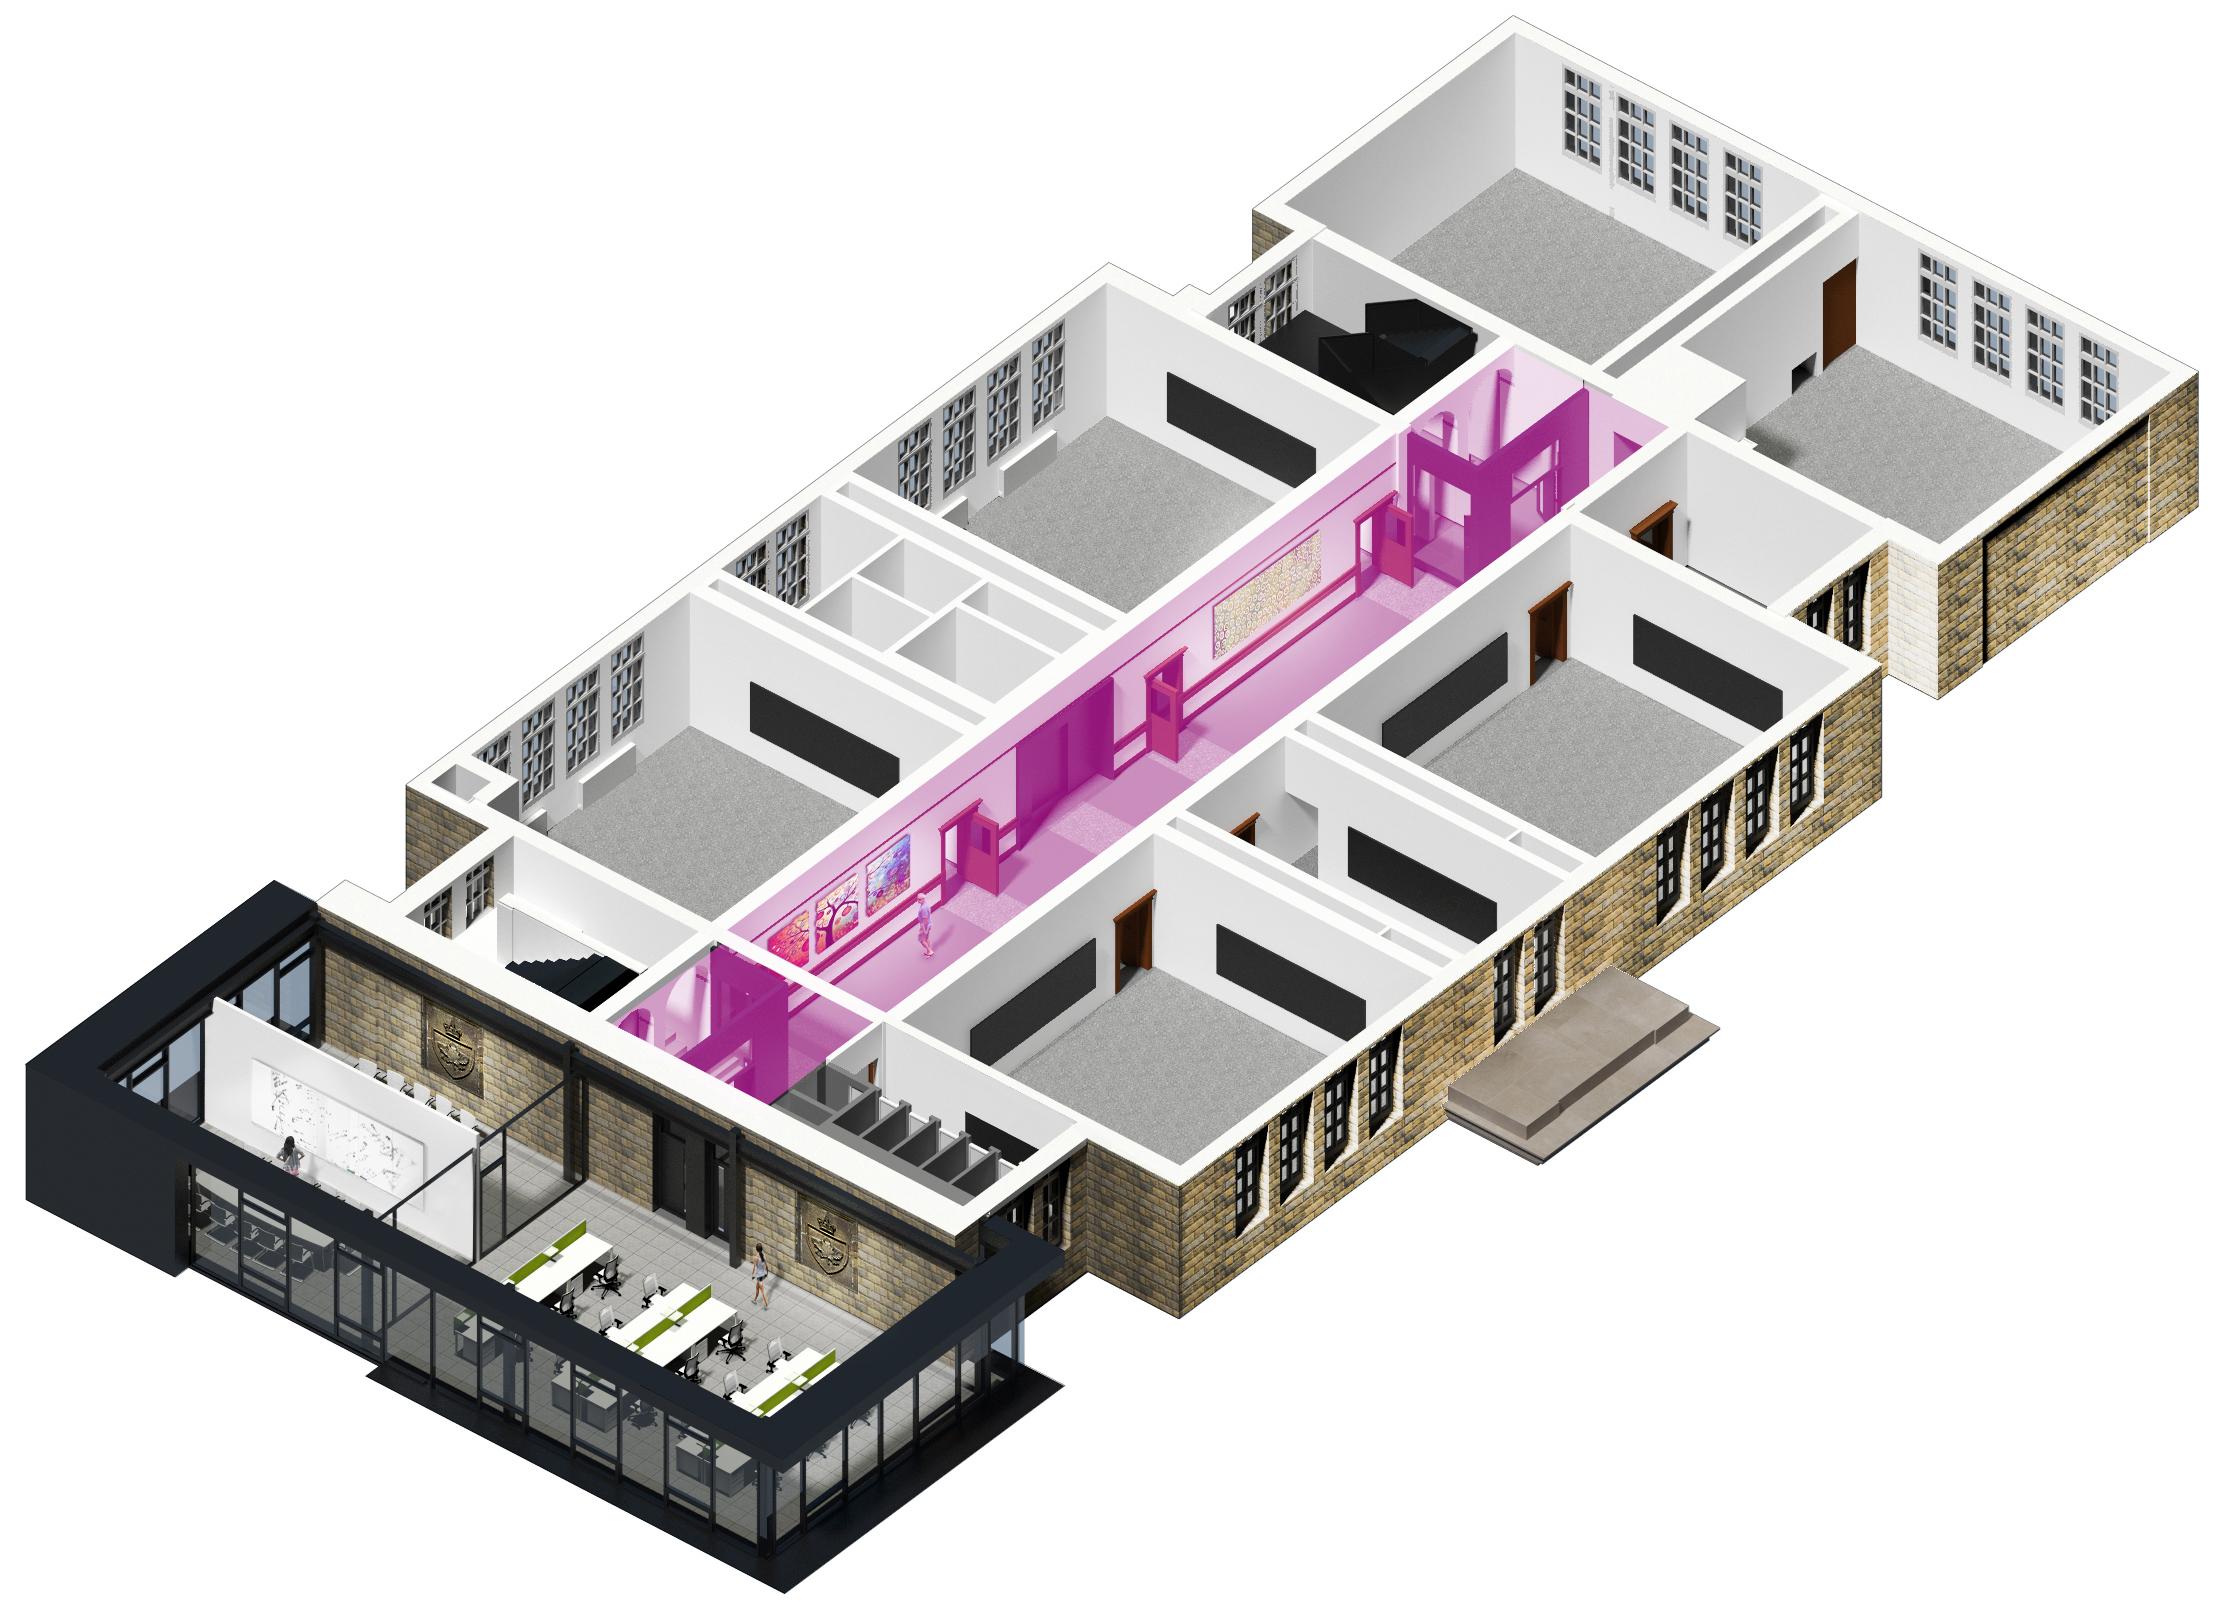 3rd floor-Hallway-Gallery